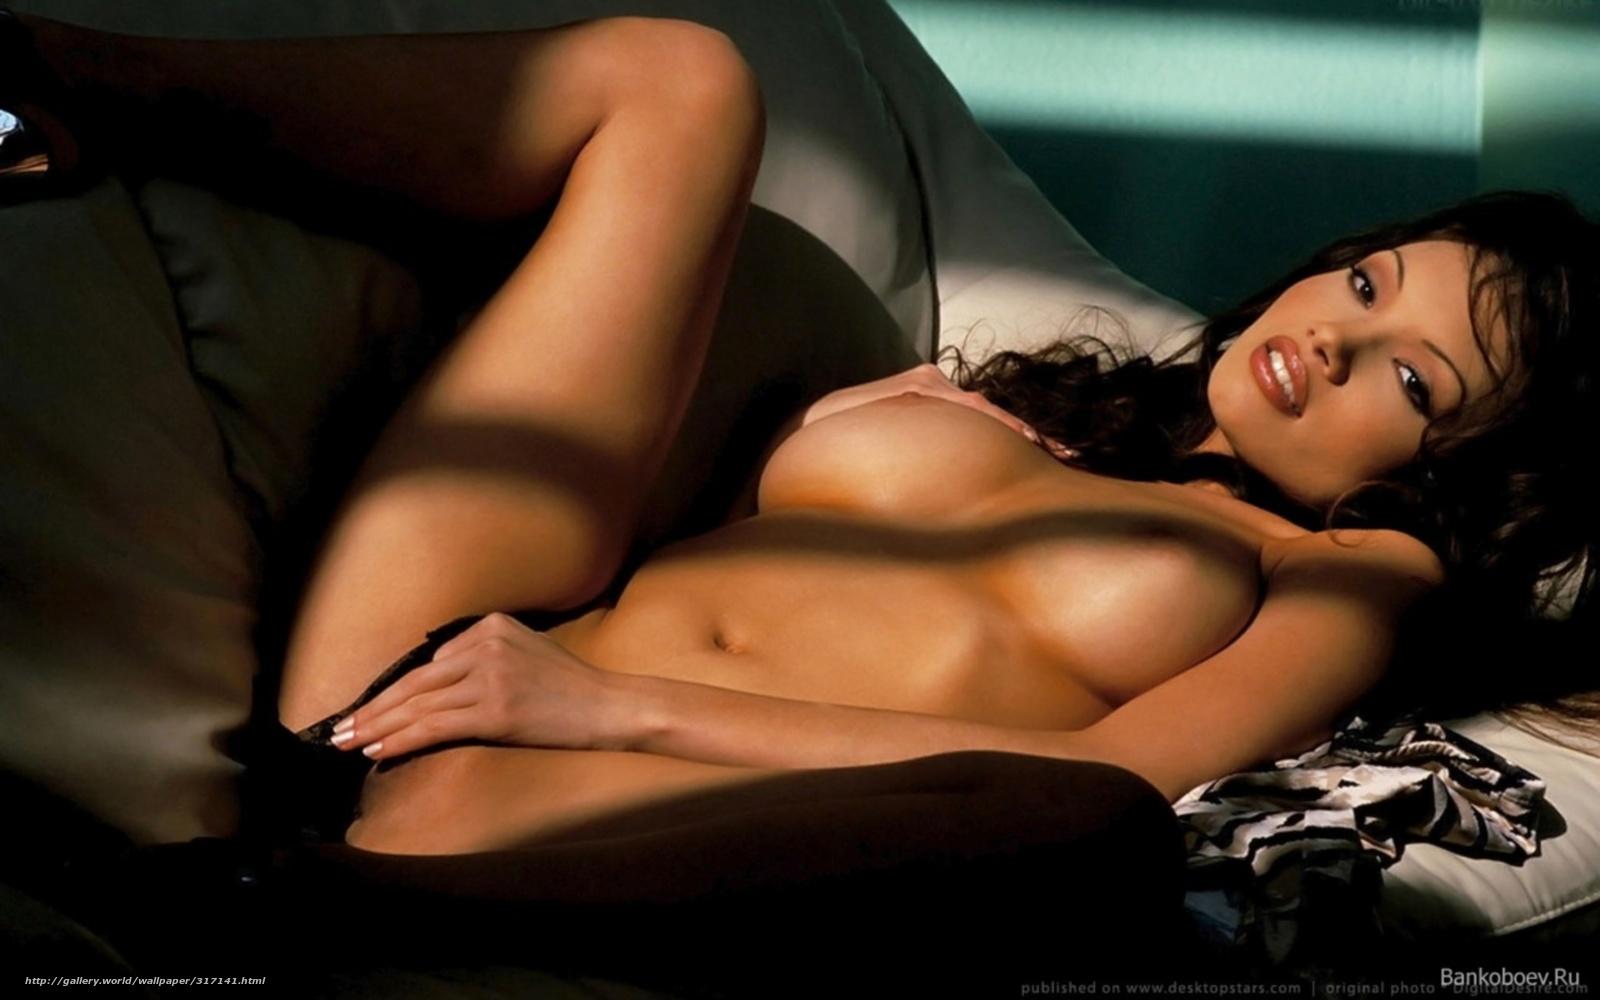 Секс чат откровенный 26 фотография